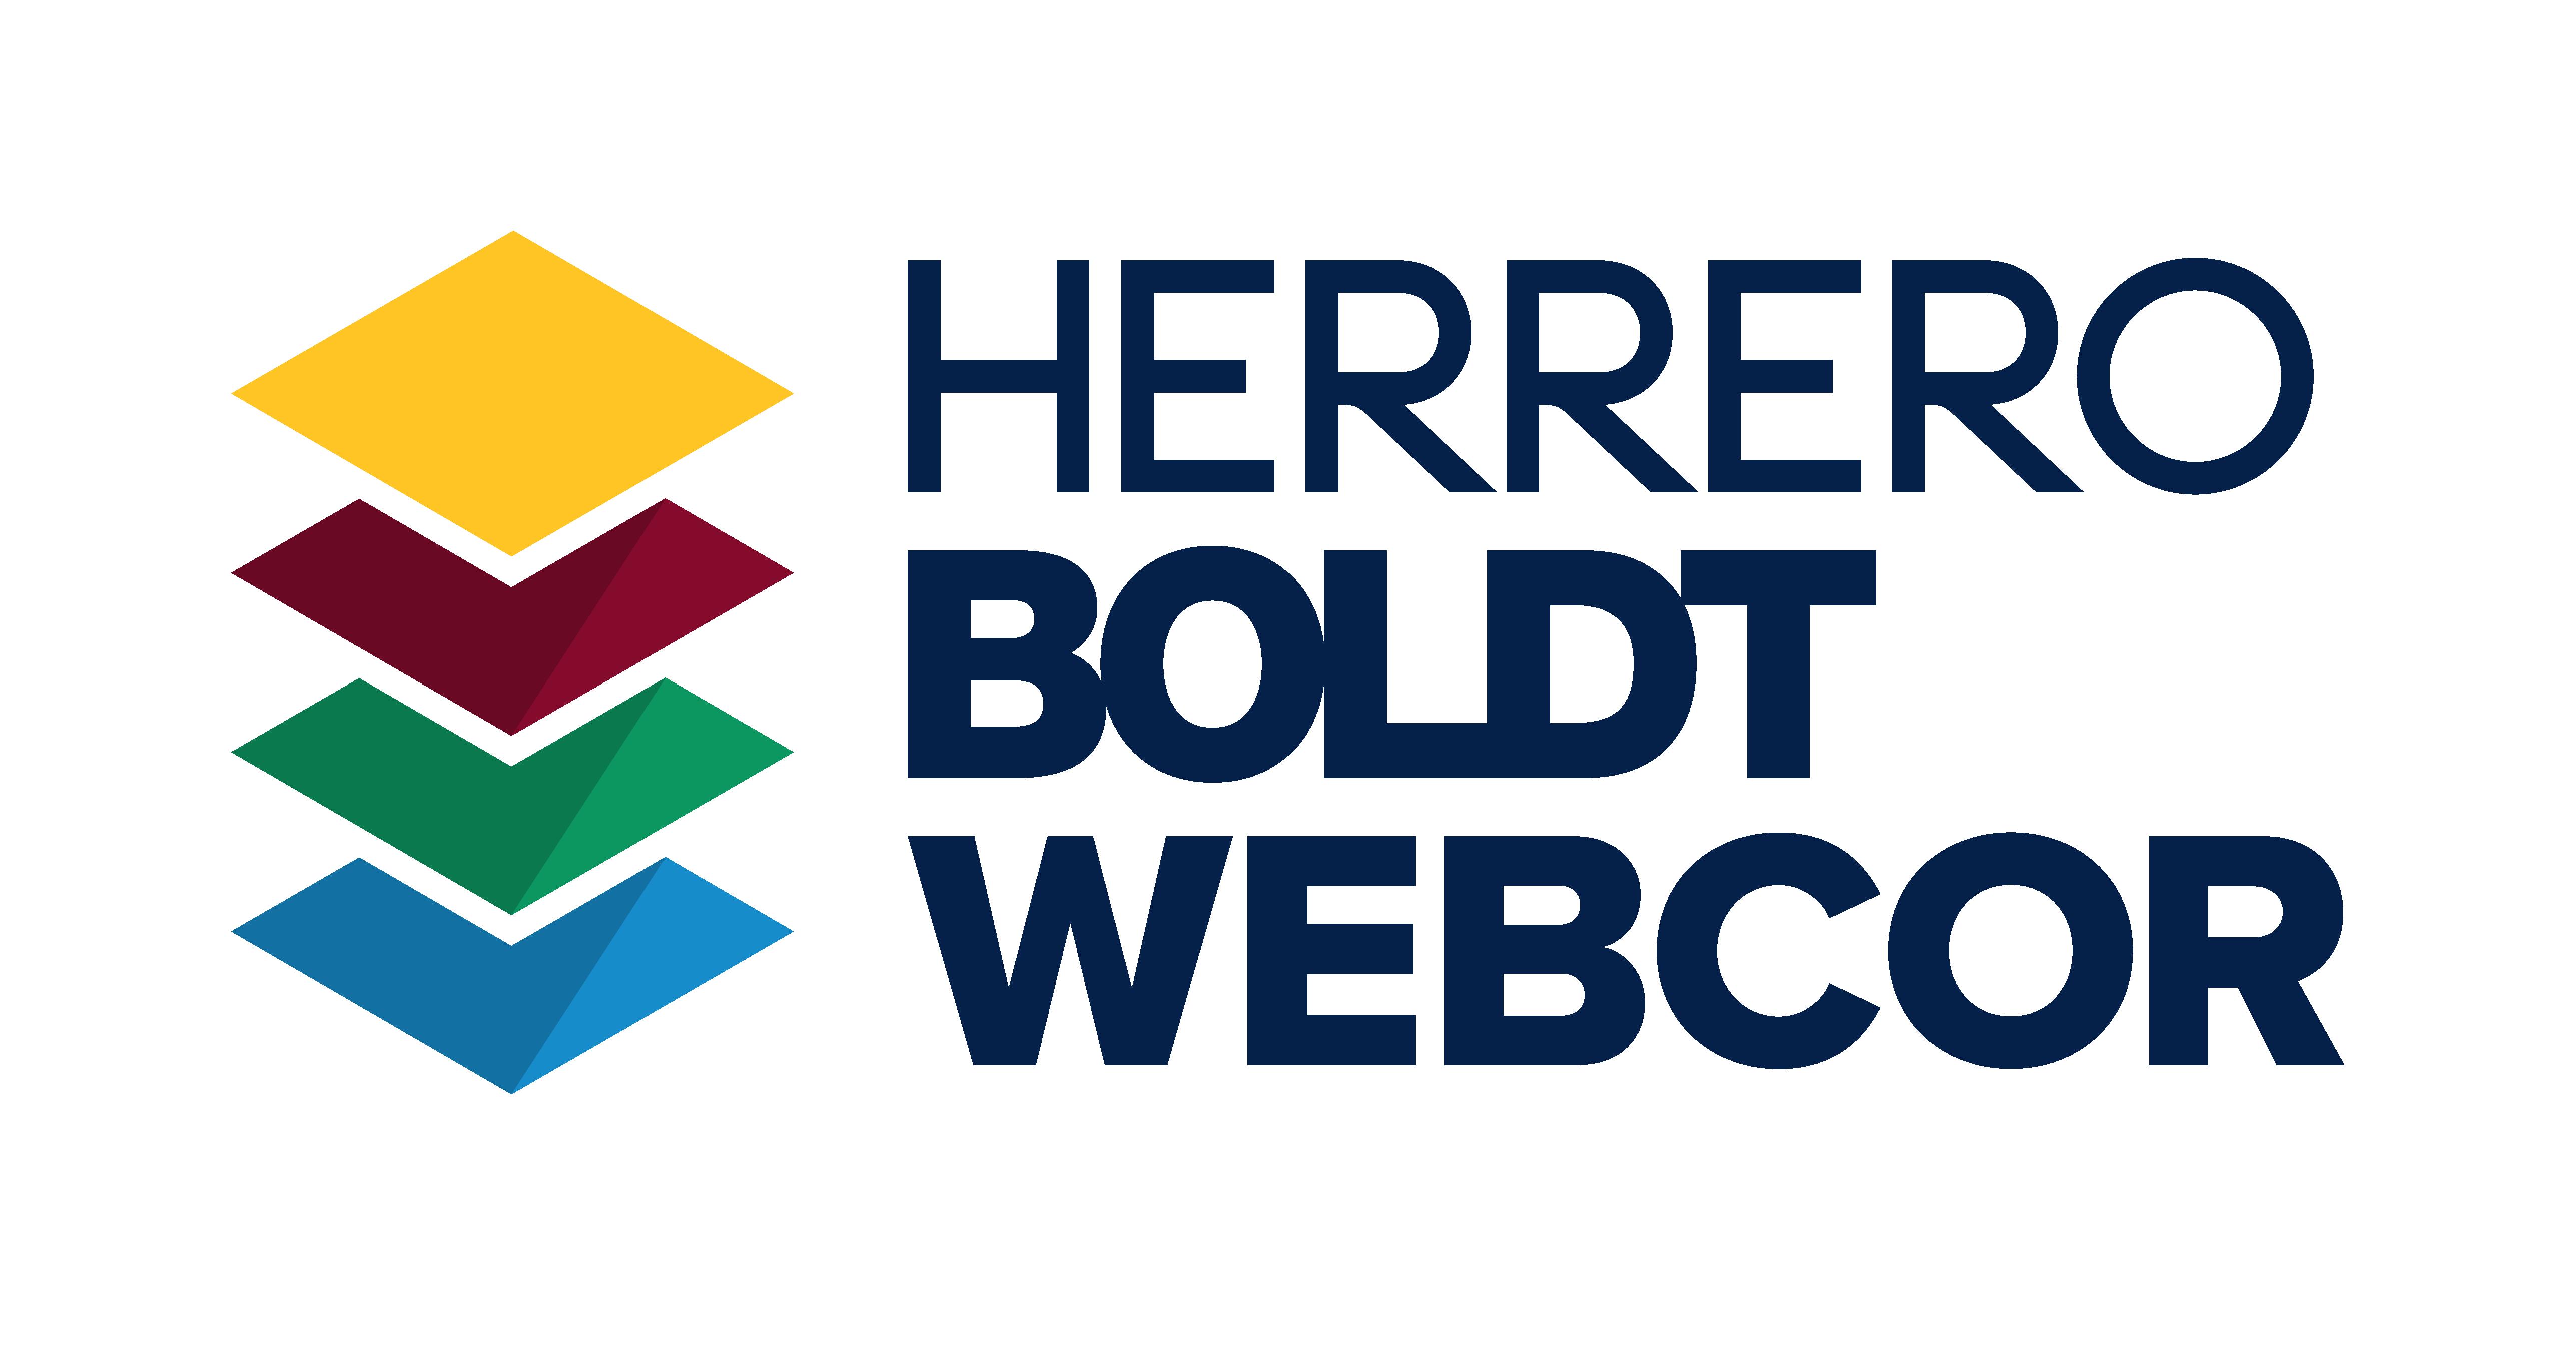 Herrero Boldt Webcor